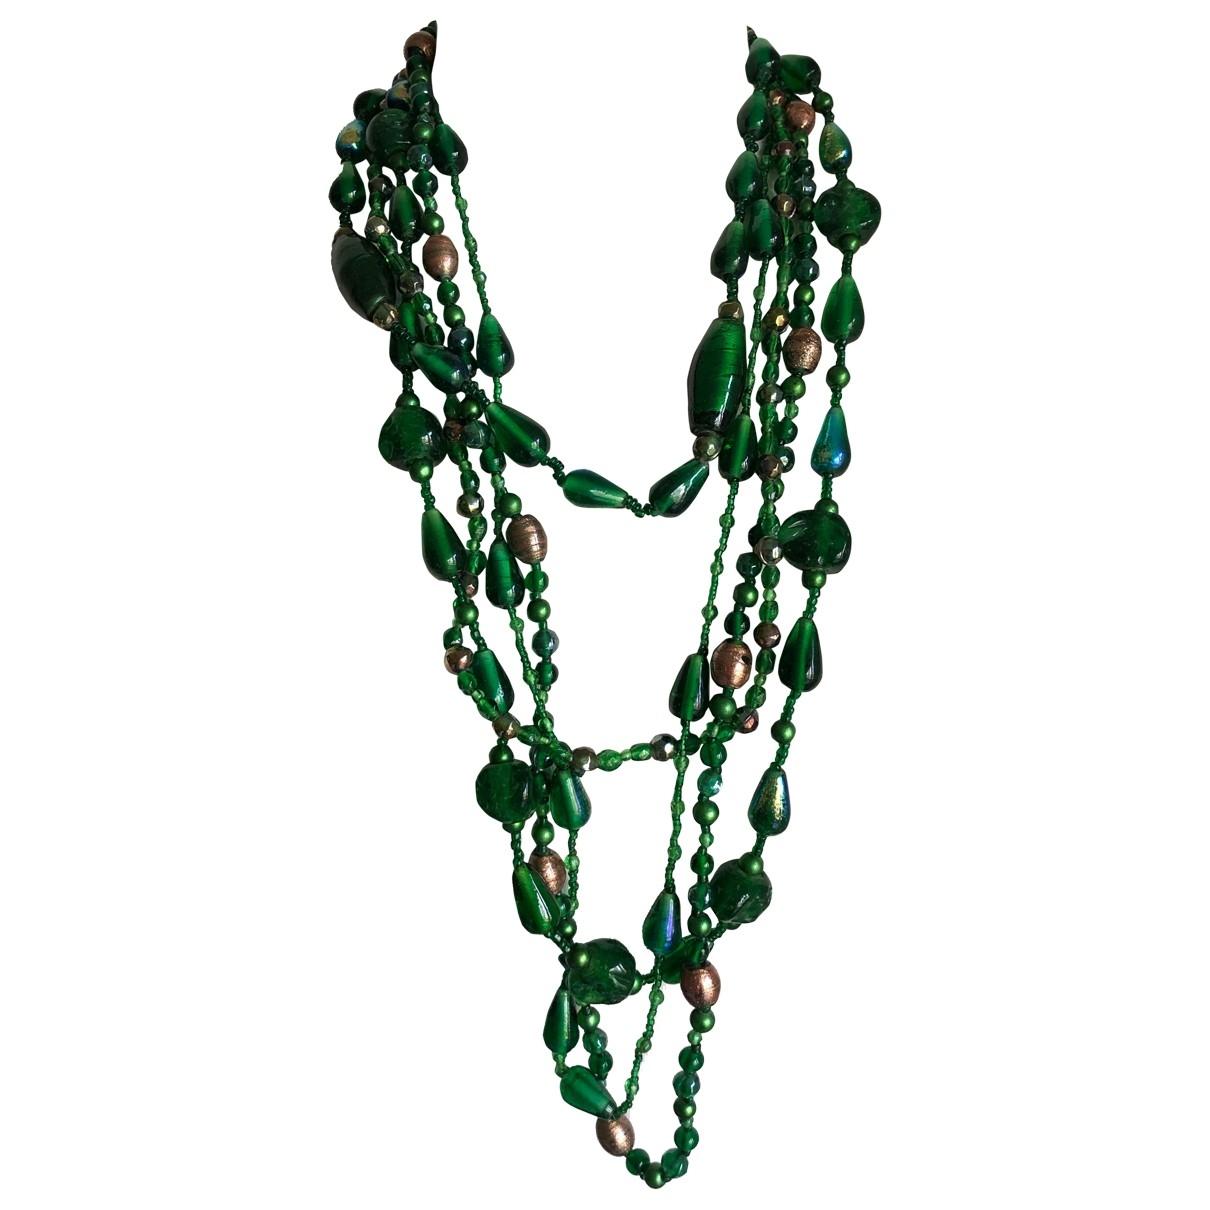 - Sautoir Motifs Ethniques pour femme en verre - vert